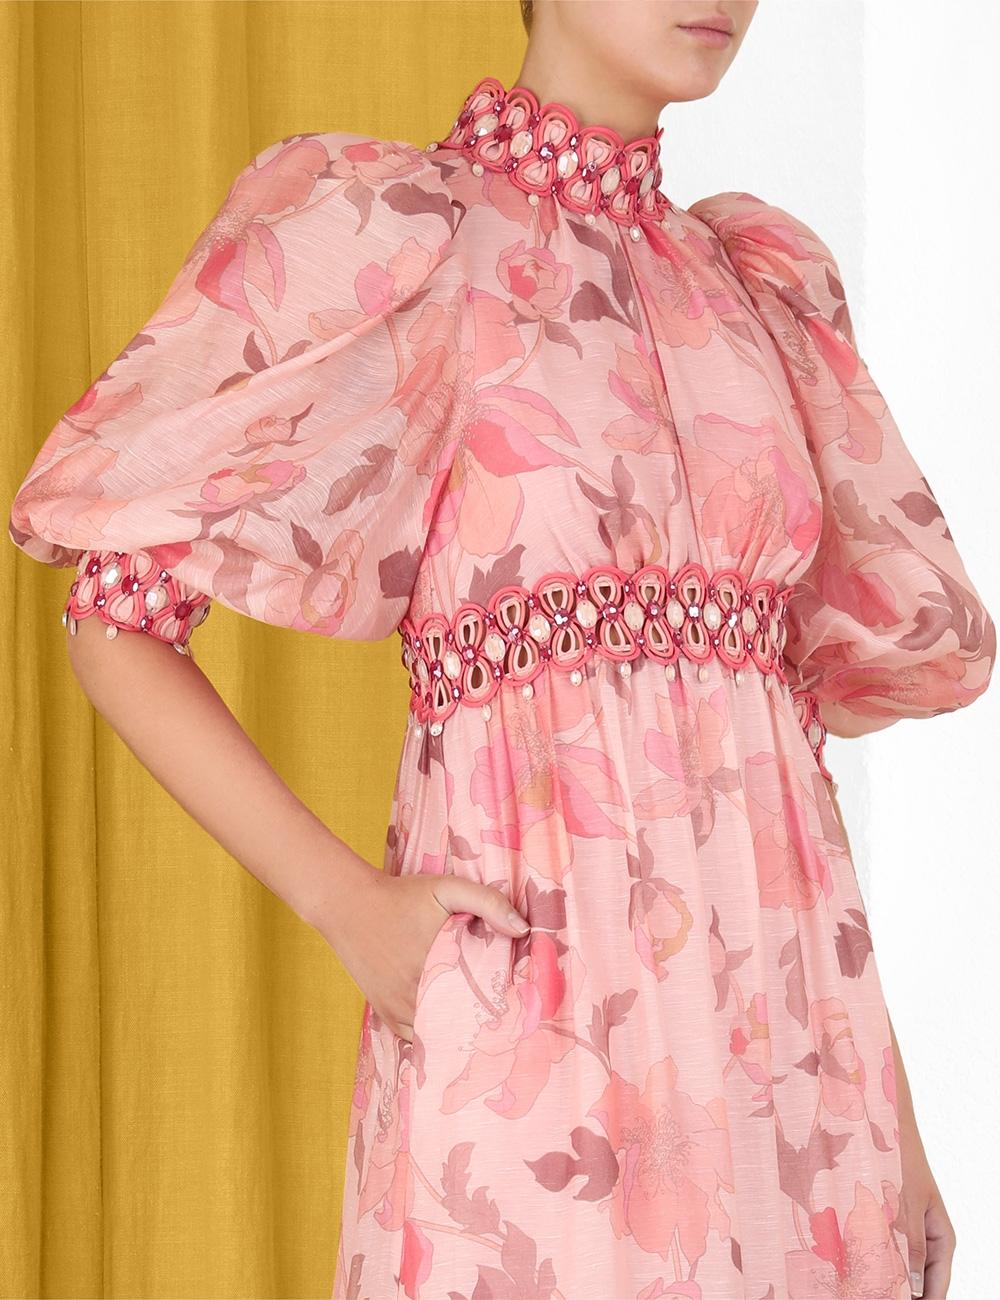 Concert Rouleau Trim Gown